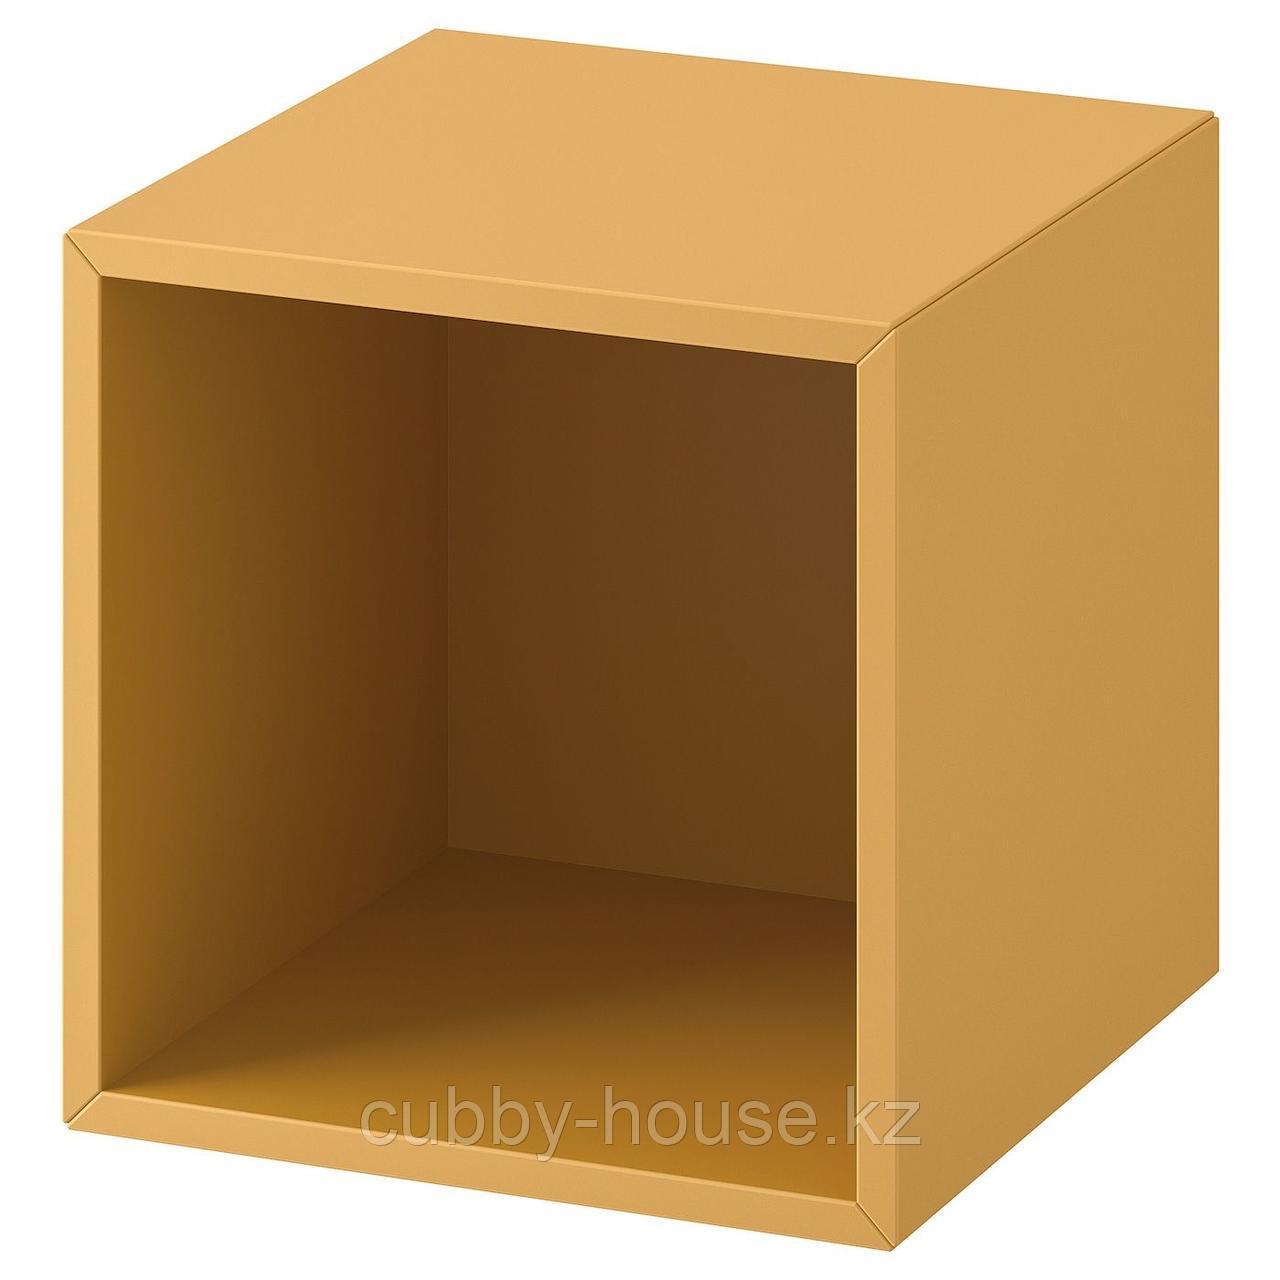 ЭКЕТ Шкаф, белый, 35x35x35 см